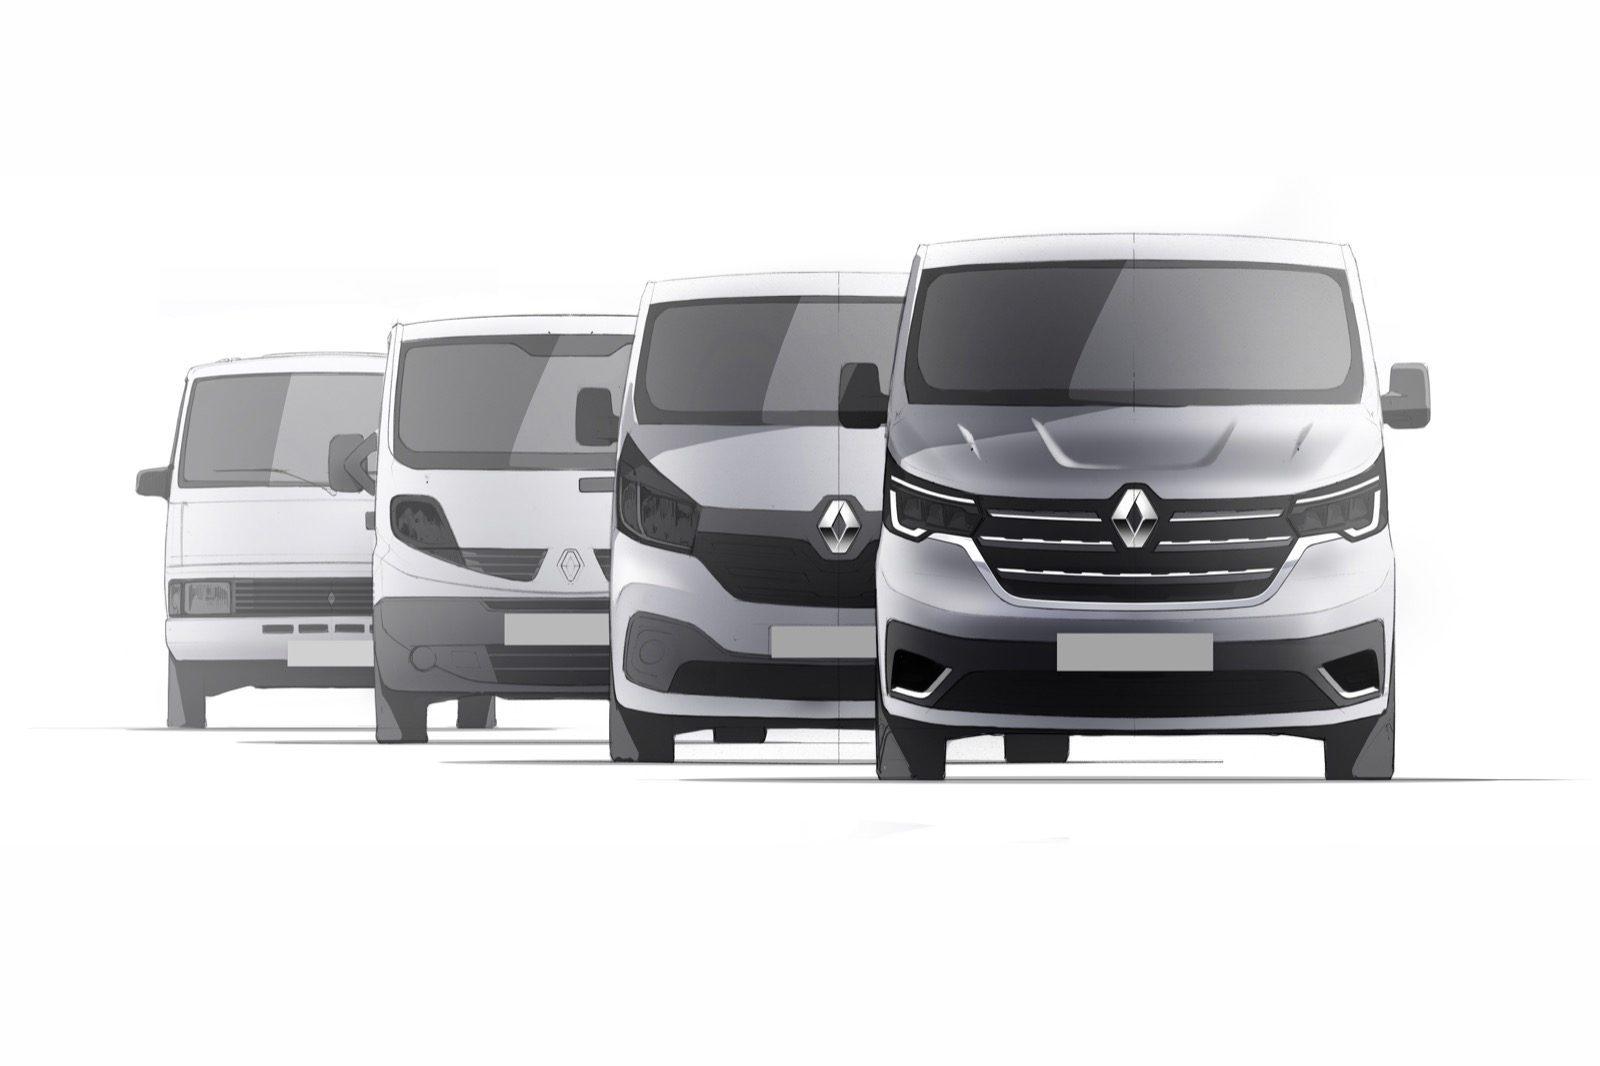 Opgefriste Renault Trafic